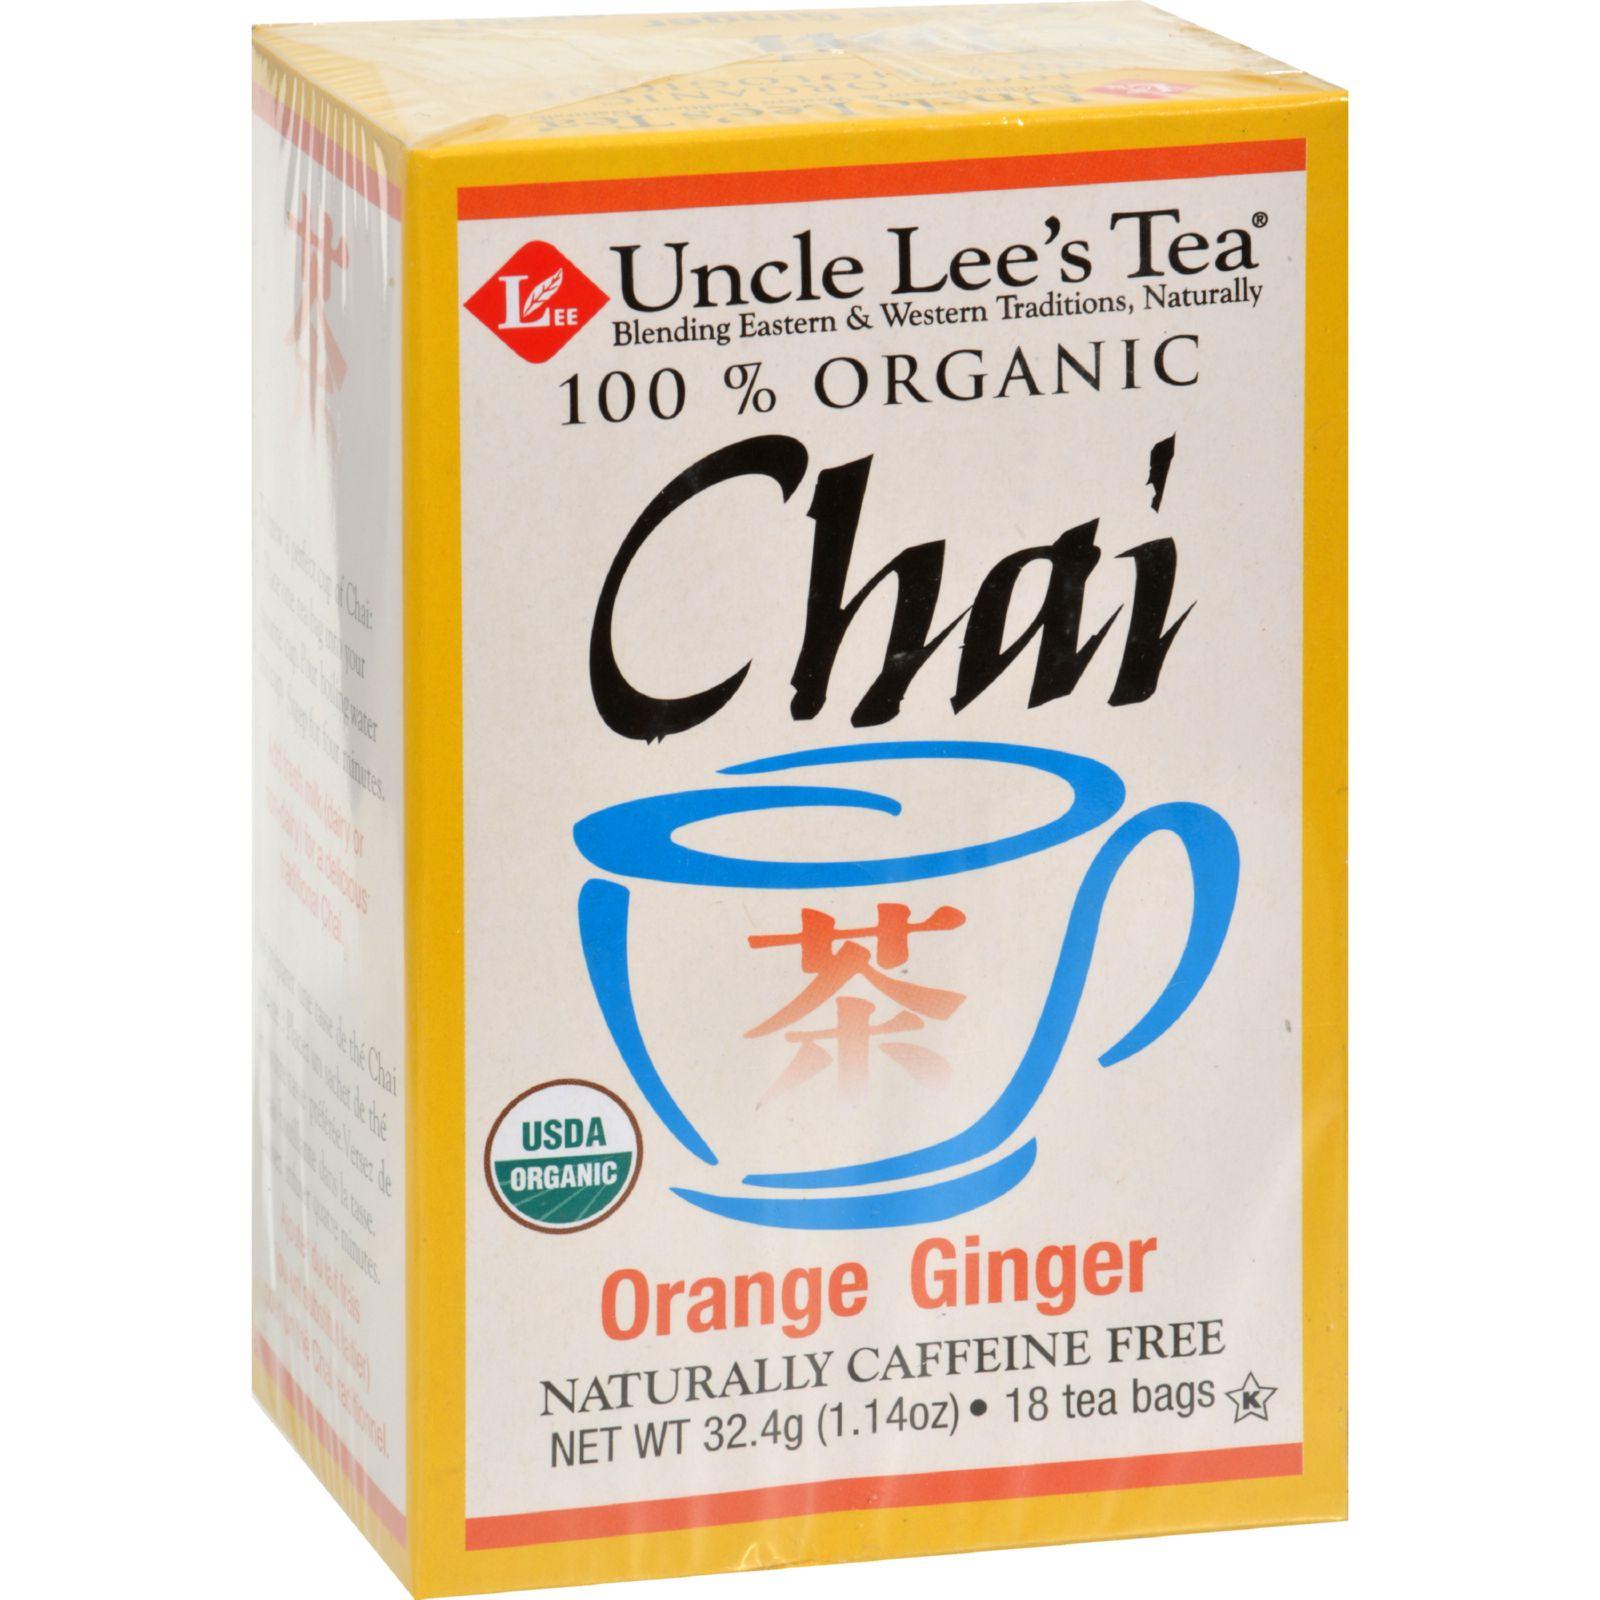 Uncle Lee's Tea Og1 Orng Ginger Chai - 18 Bags